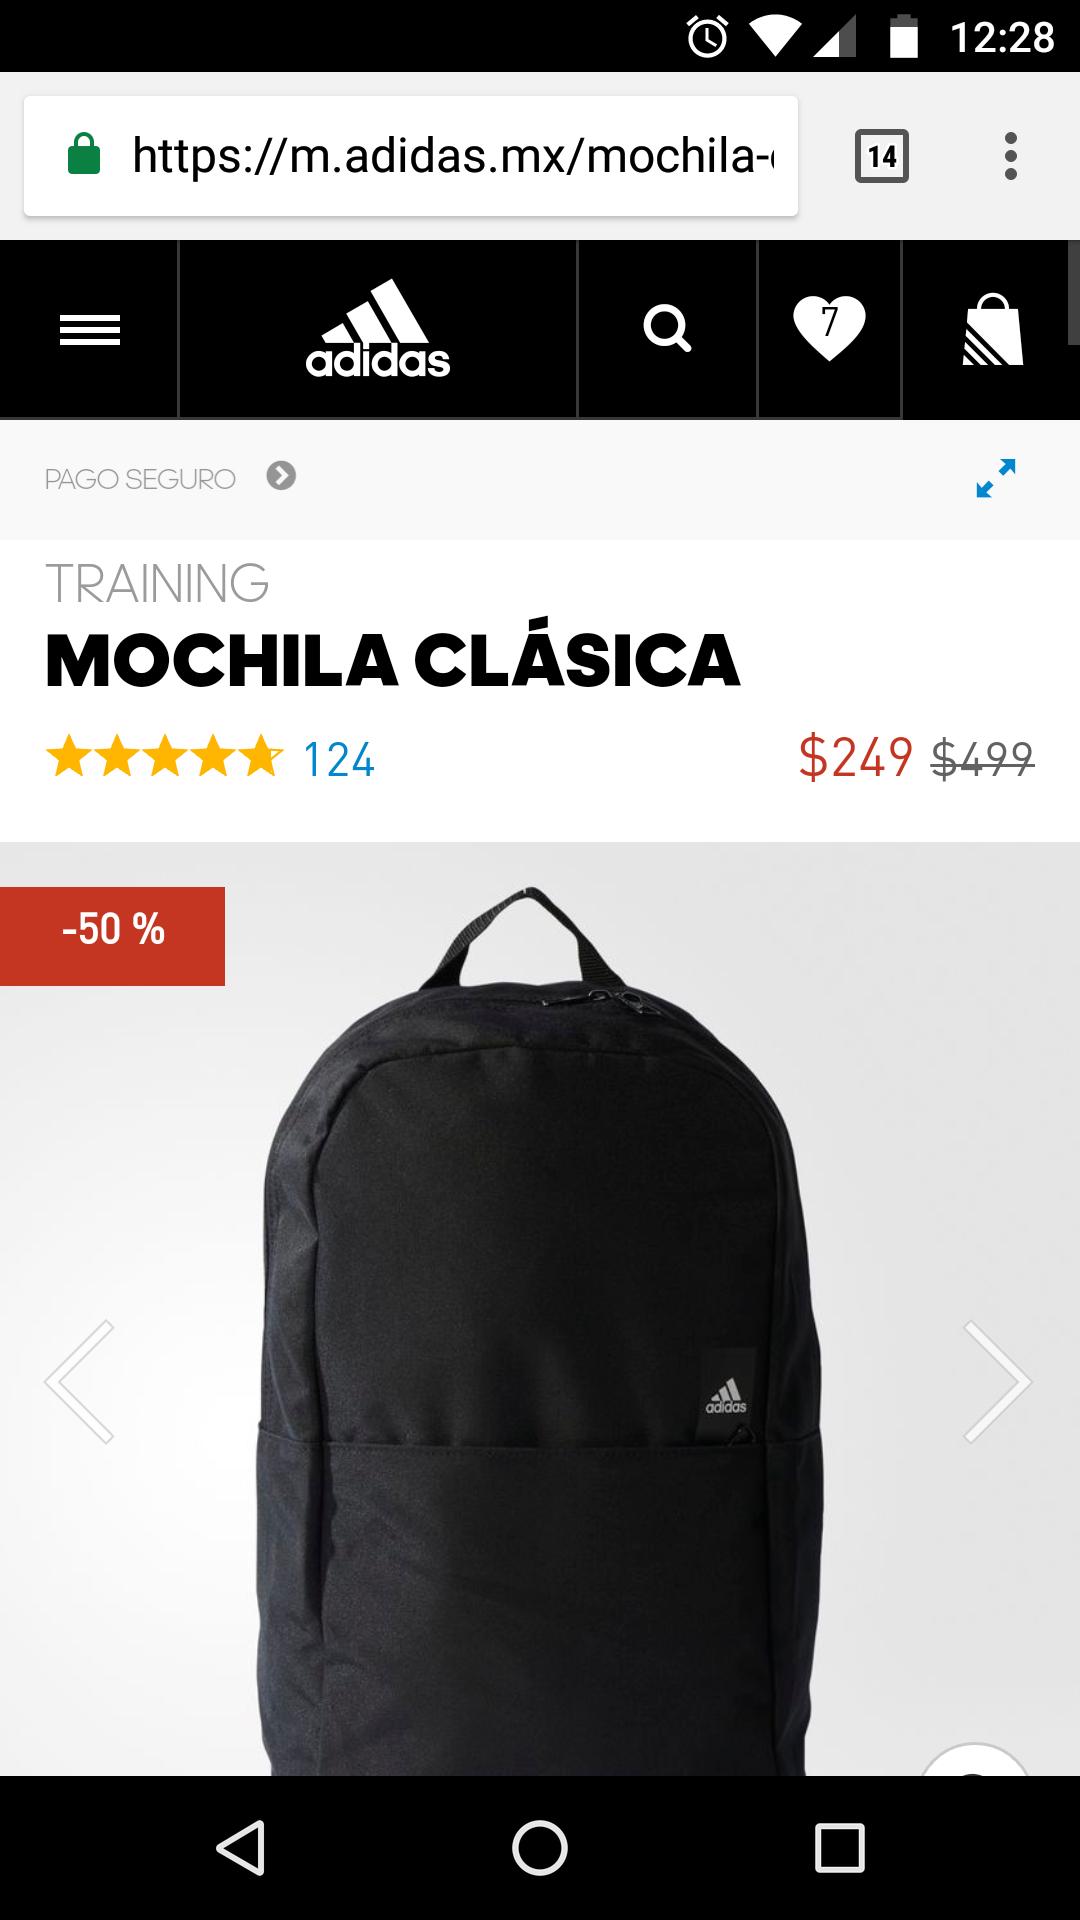 Adidas: Mochila Clásica negra